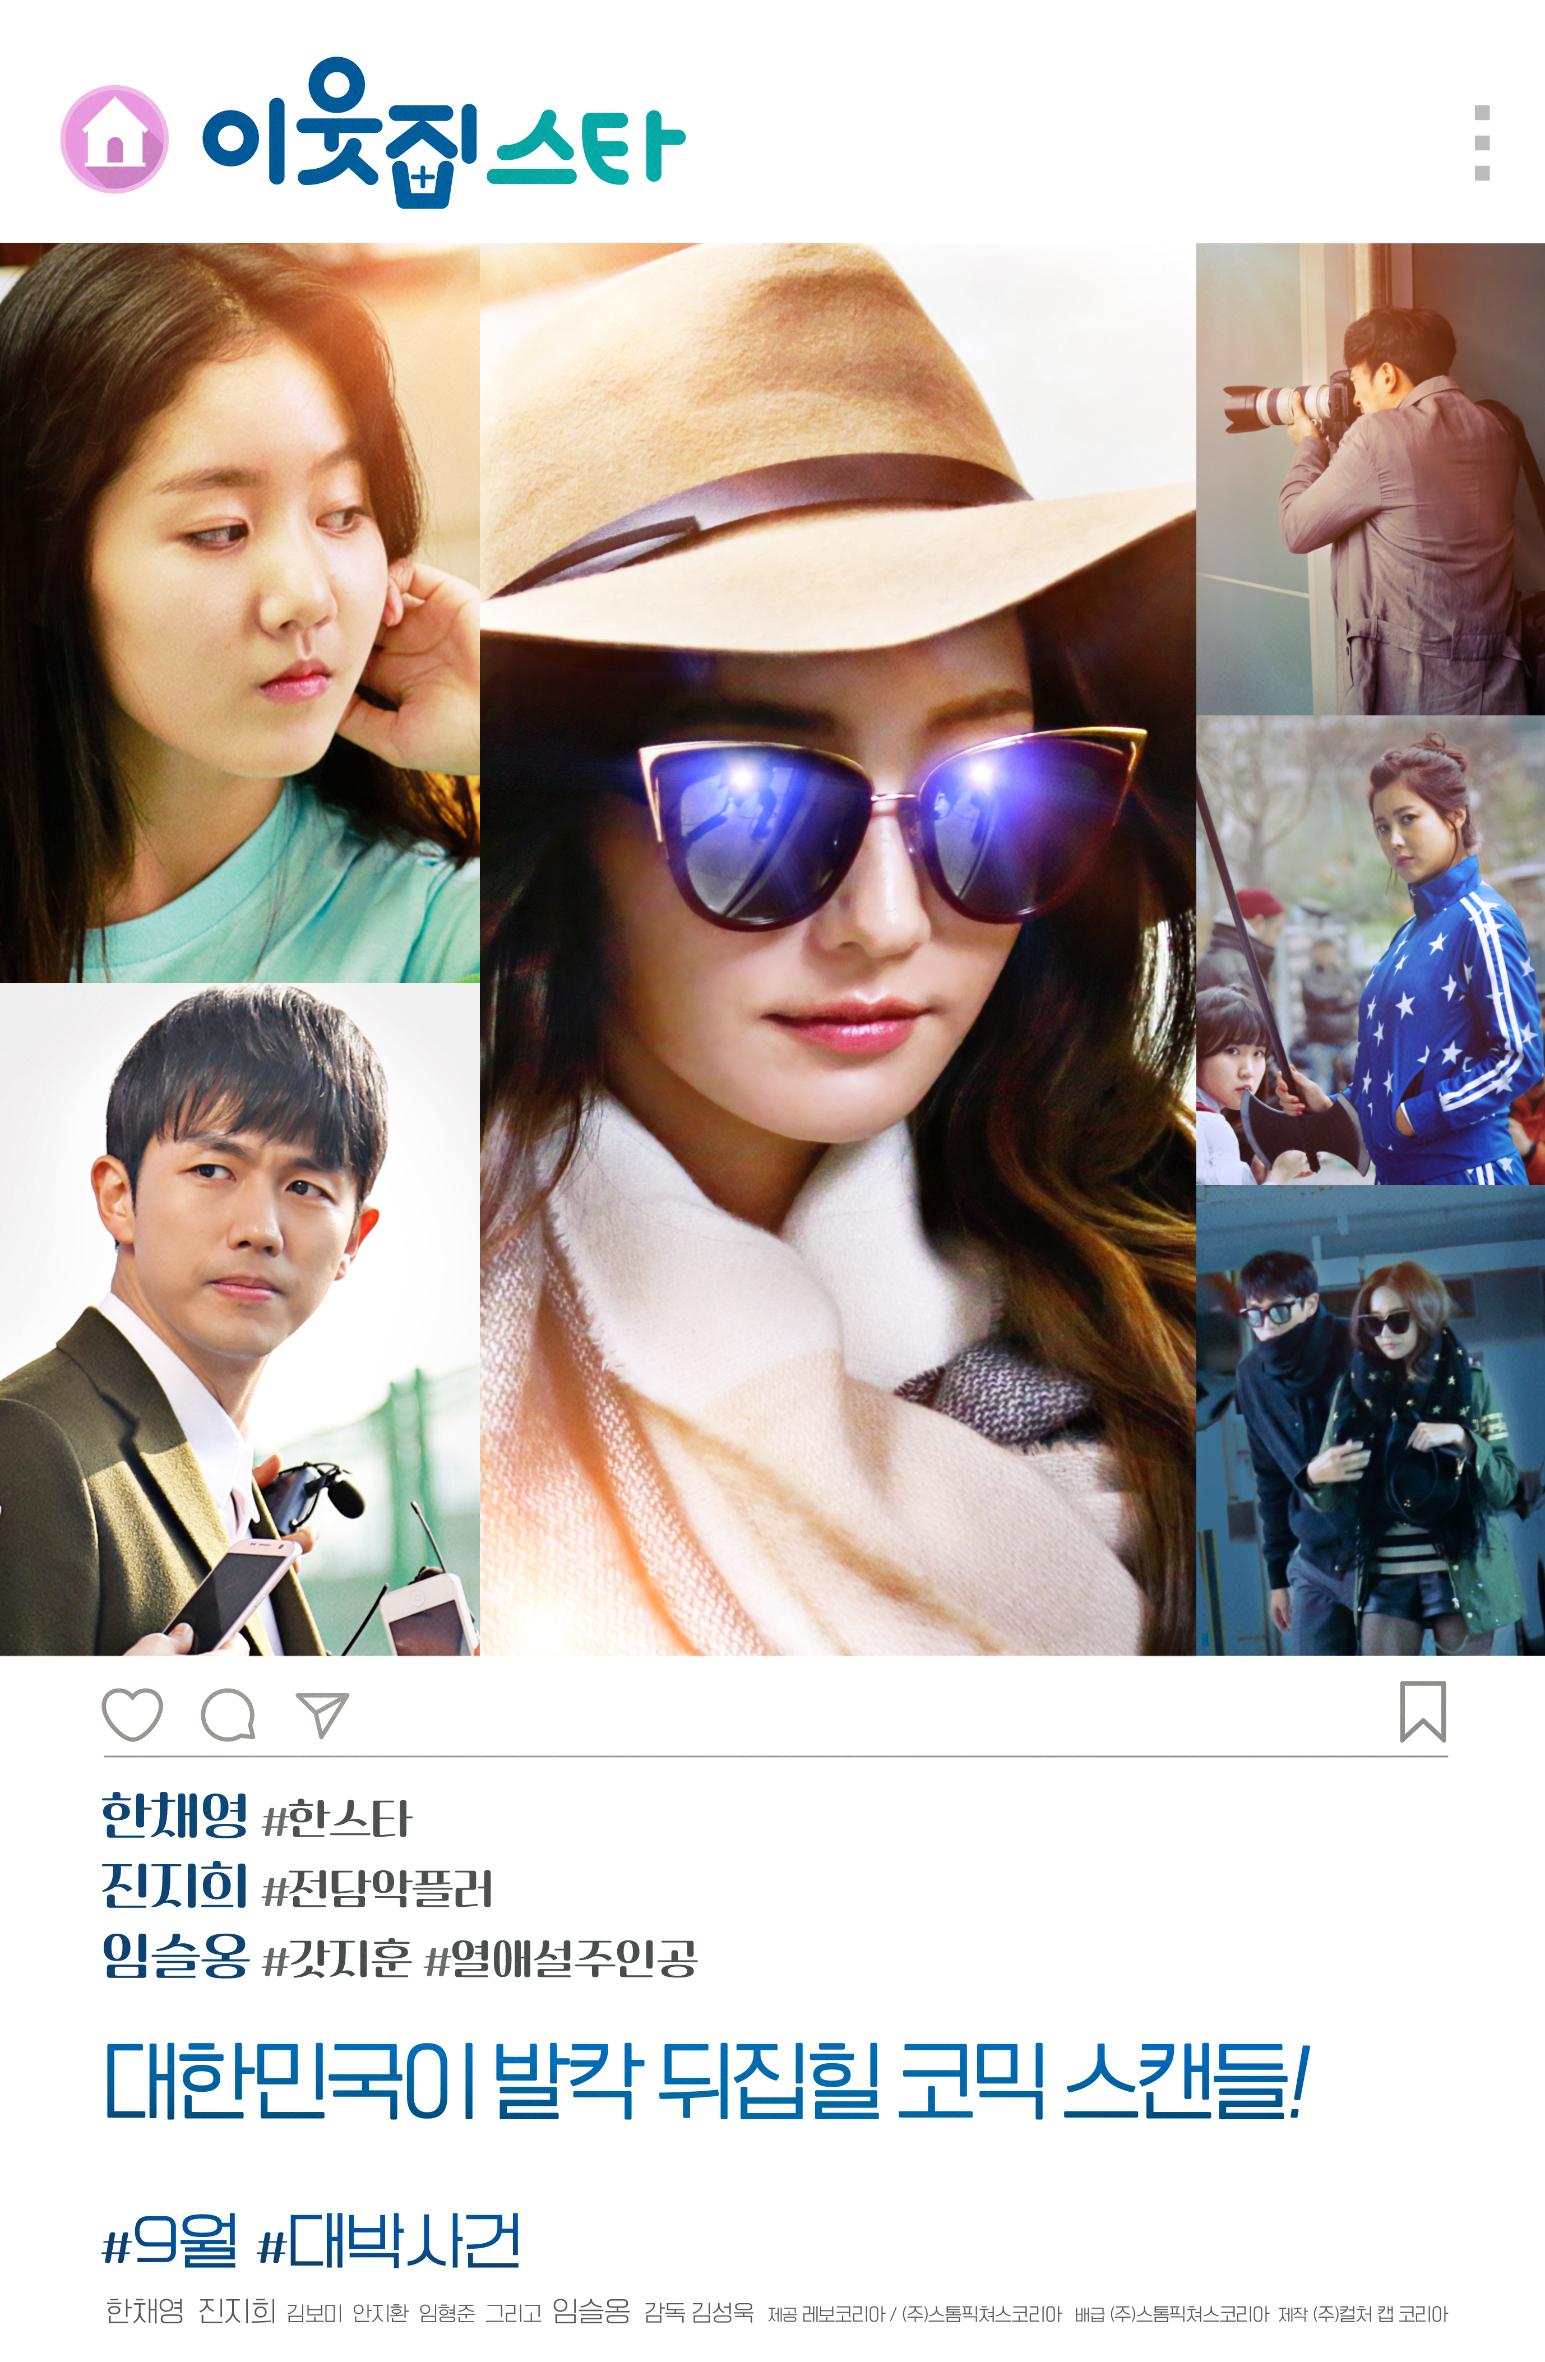 한채영 X 진지희, 코믹 모녀 스캔들 <이웃집 스타> 9월 개봉 확정